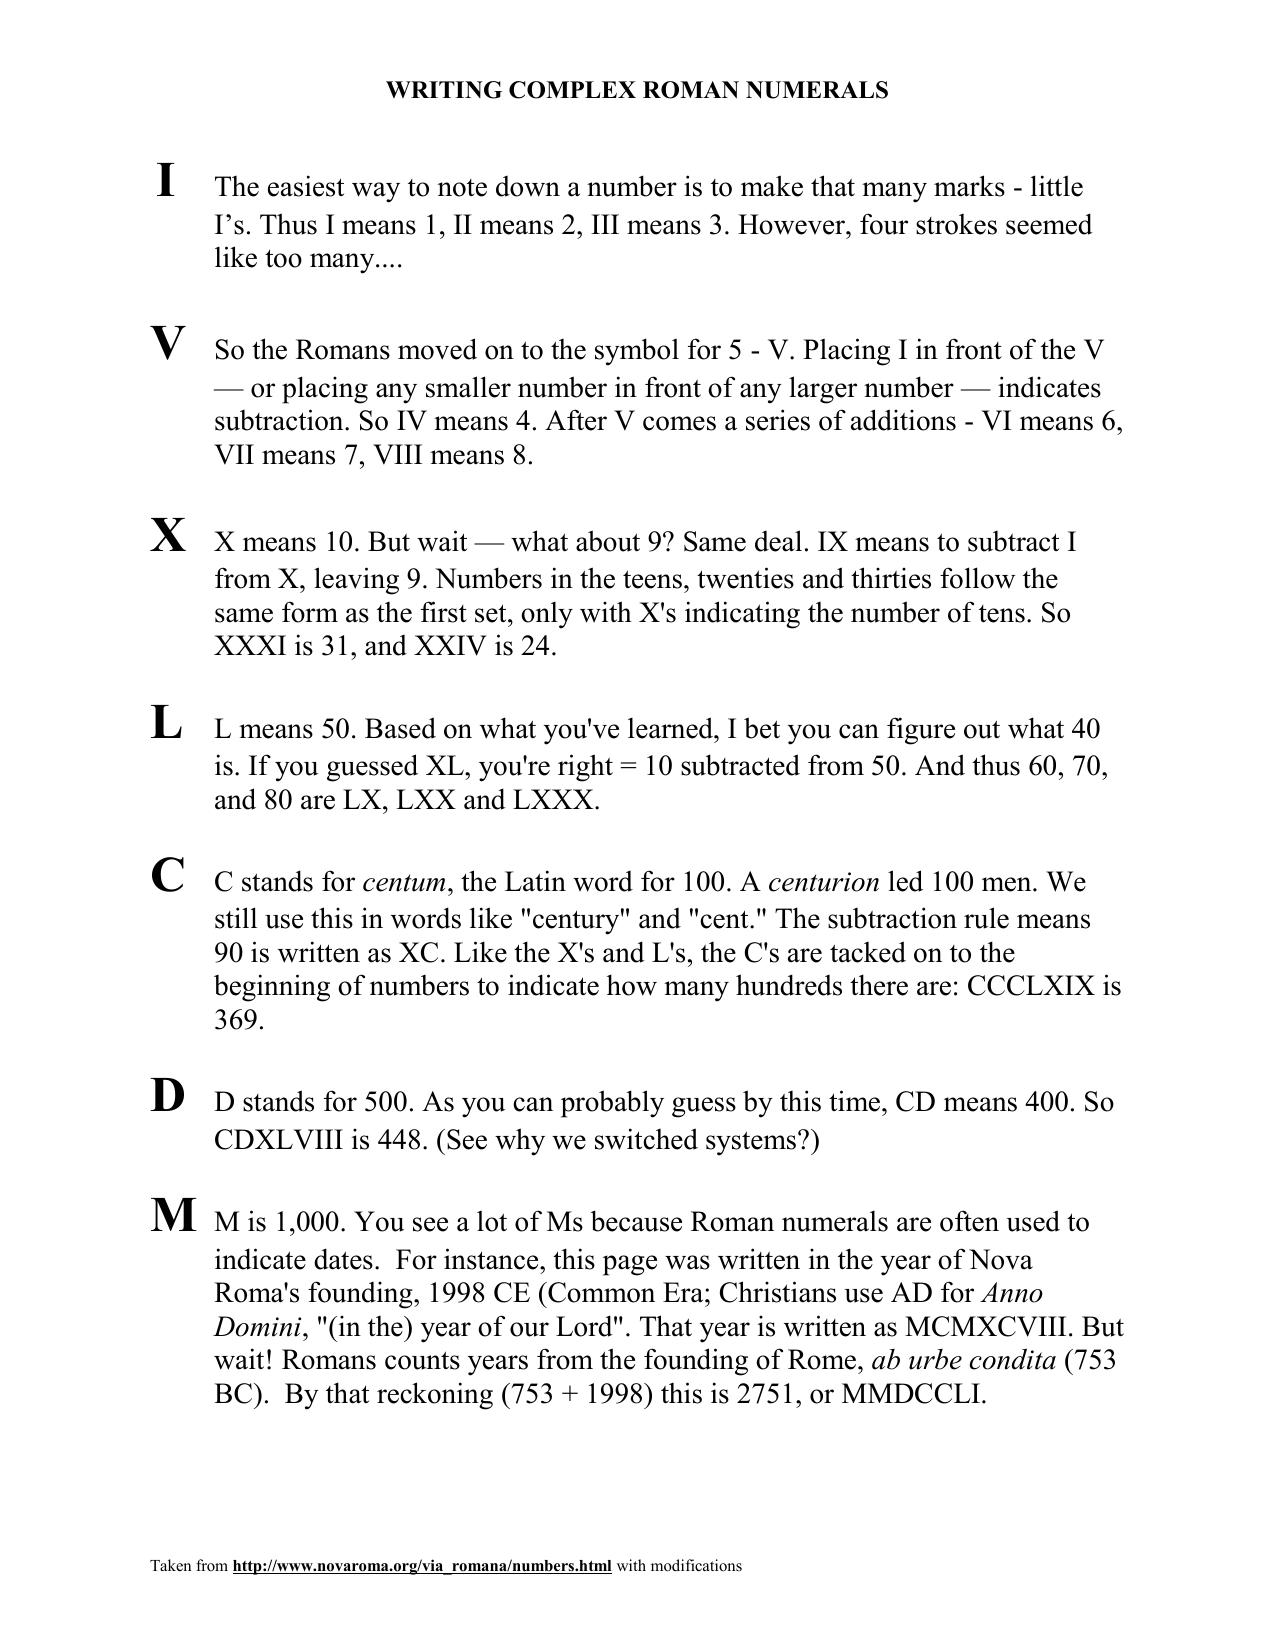 Complex Roman Numerals